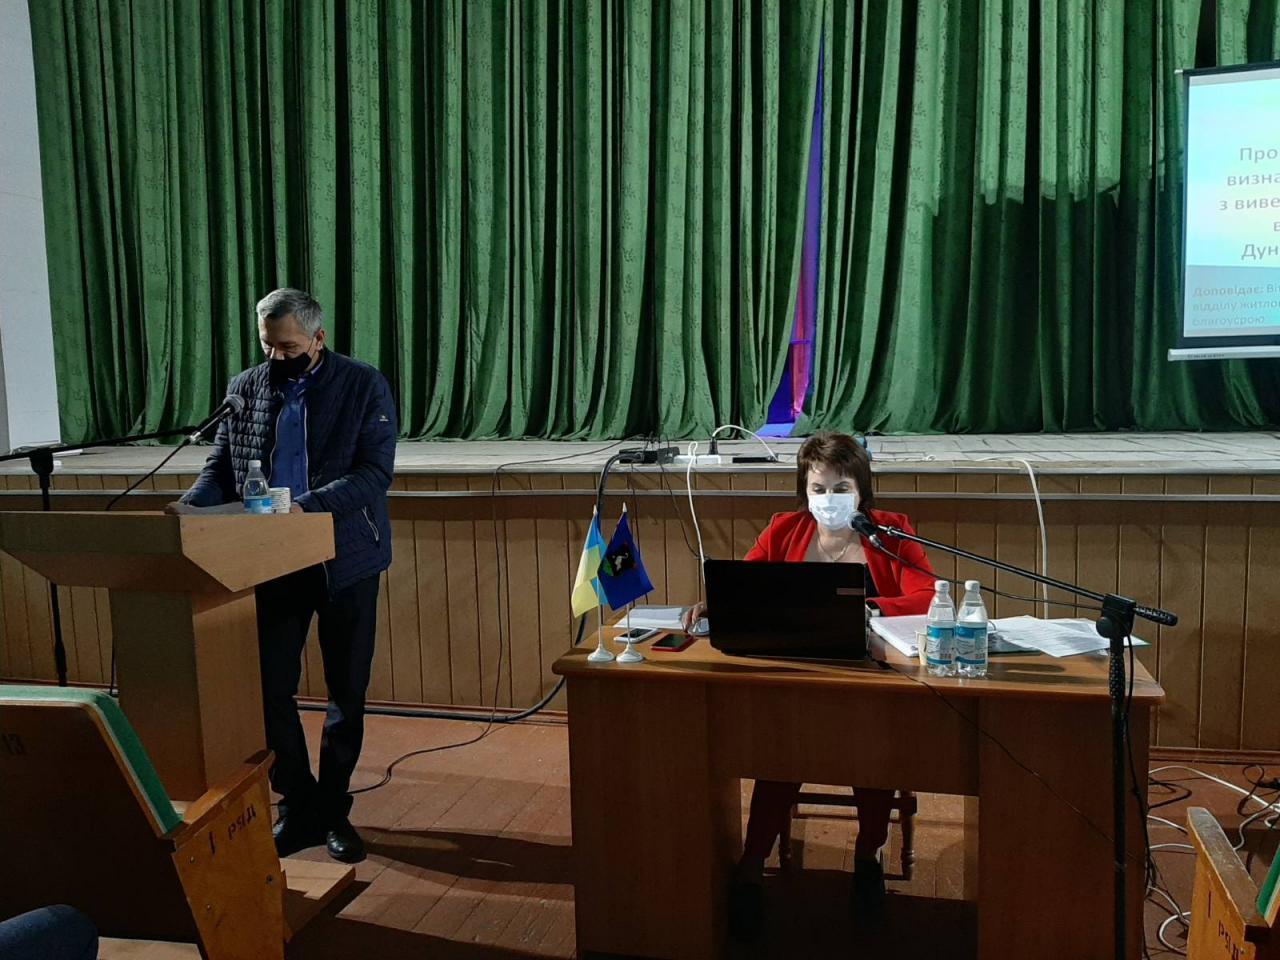 http://dunrada.gov.ua/uploadfile/archive_news/2020/10/15/2020-10-15_986/images/images-62178.jpg